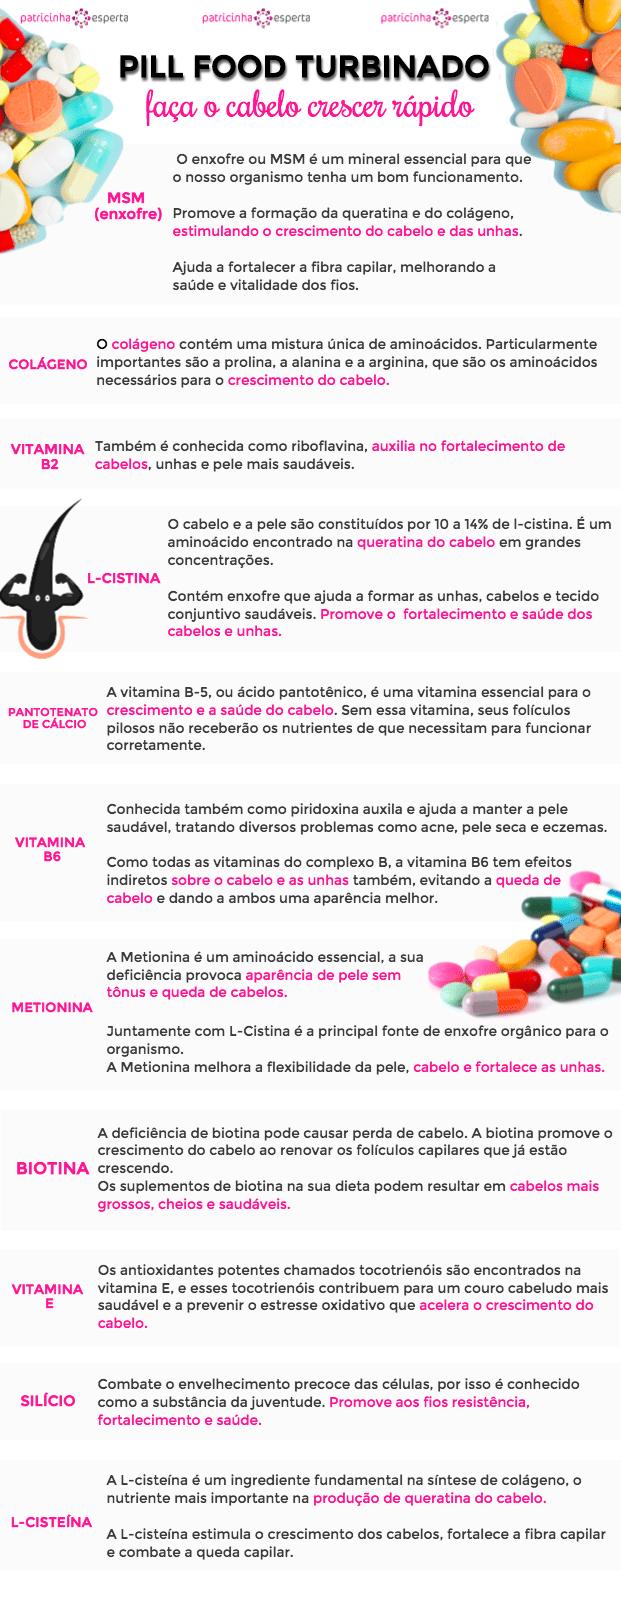 pill food turbinado1 - Pill Food Turbinado: Fórmula, Benefícios, Resultado, Bula